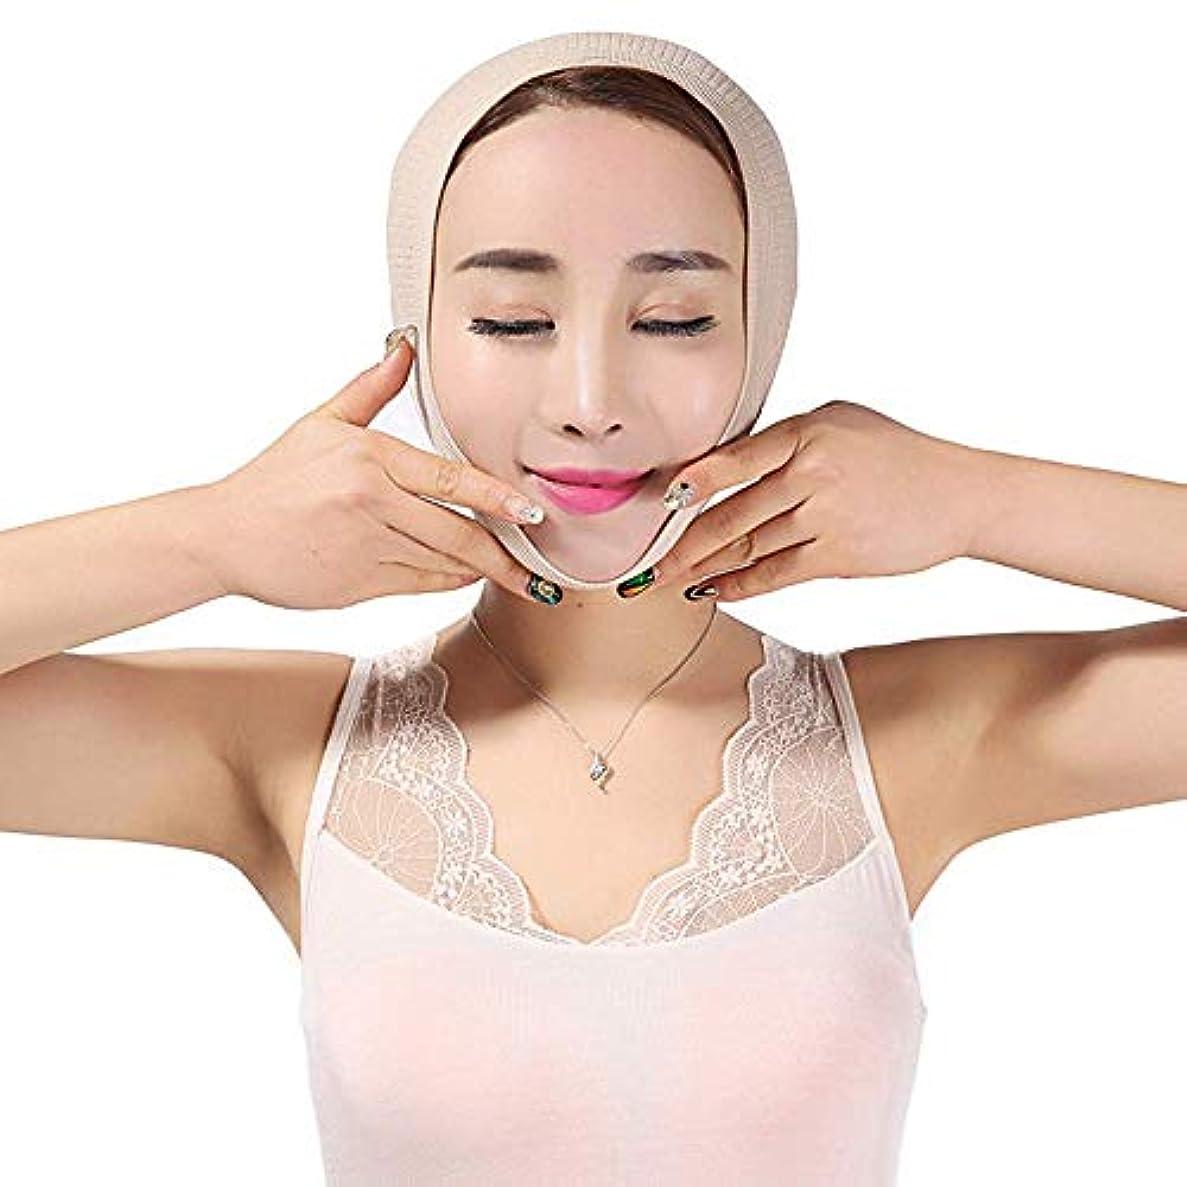 剣失速ブリリアント薄い顔の器械のマスクの改装の包帯Vの表面持ち上がることの引き締めの美顔術の二重最大の顔のマッサージャー